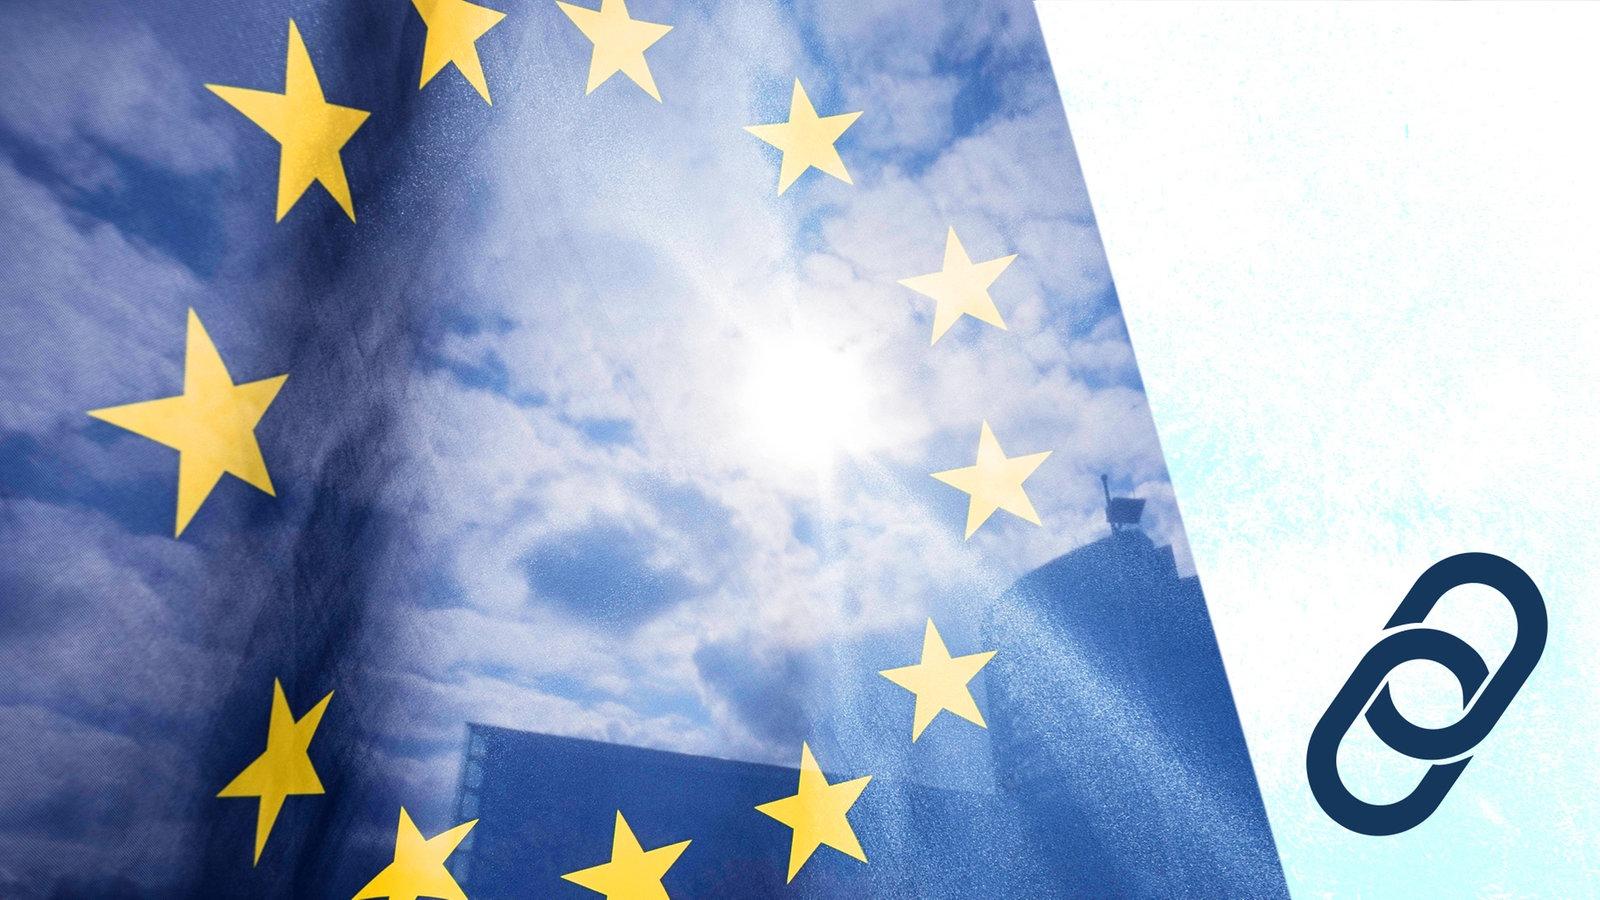 64b04499c5e10e In Leichter Sprache  Informationen zur Europa·wahl - Leichte Sprache -  Hilfe - WDR